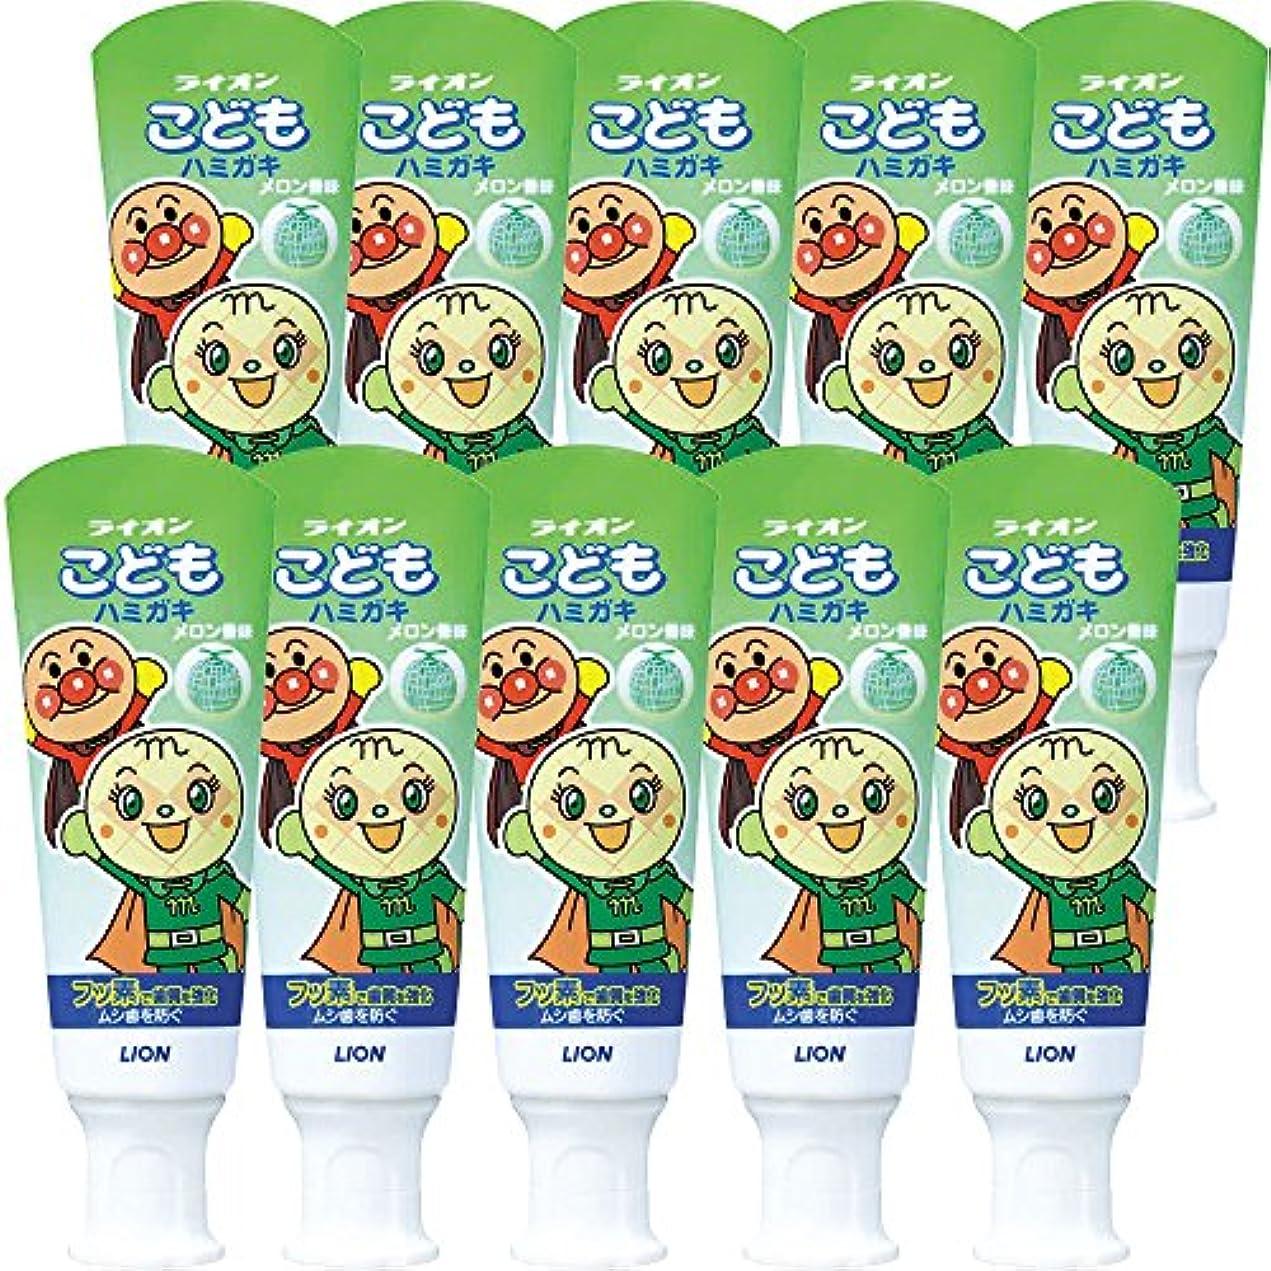 ブリード問題物理こどもハミガキ アンパンマン メロン香味 40g×10個パック (医薬部外品)